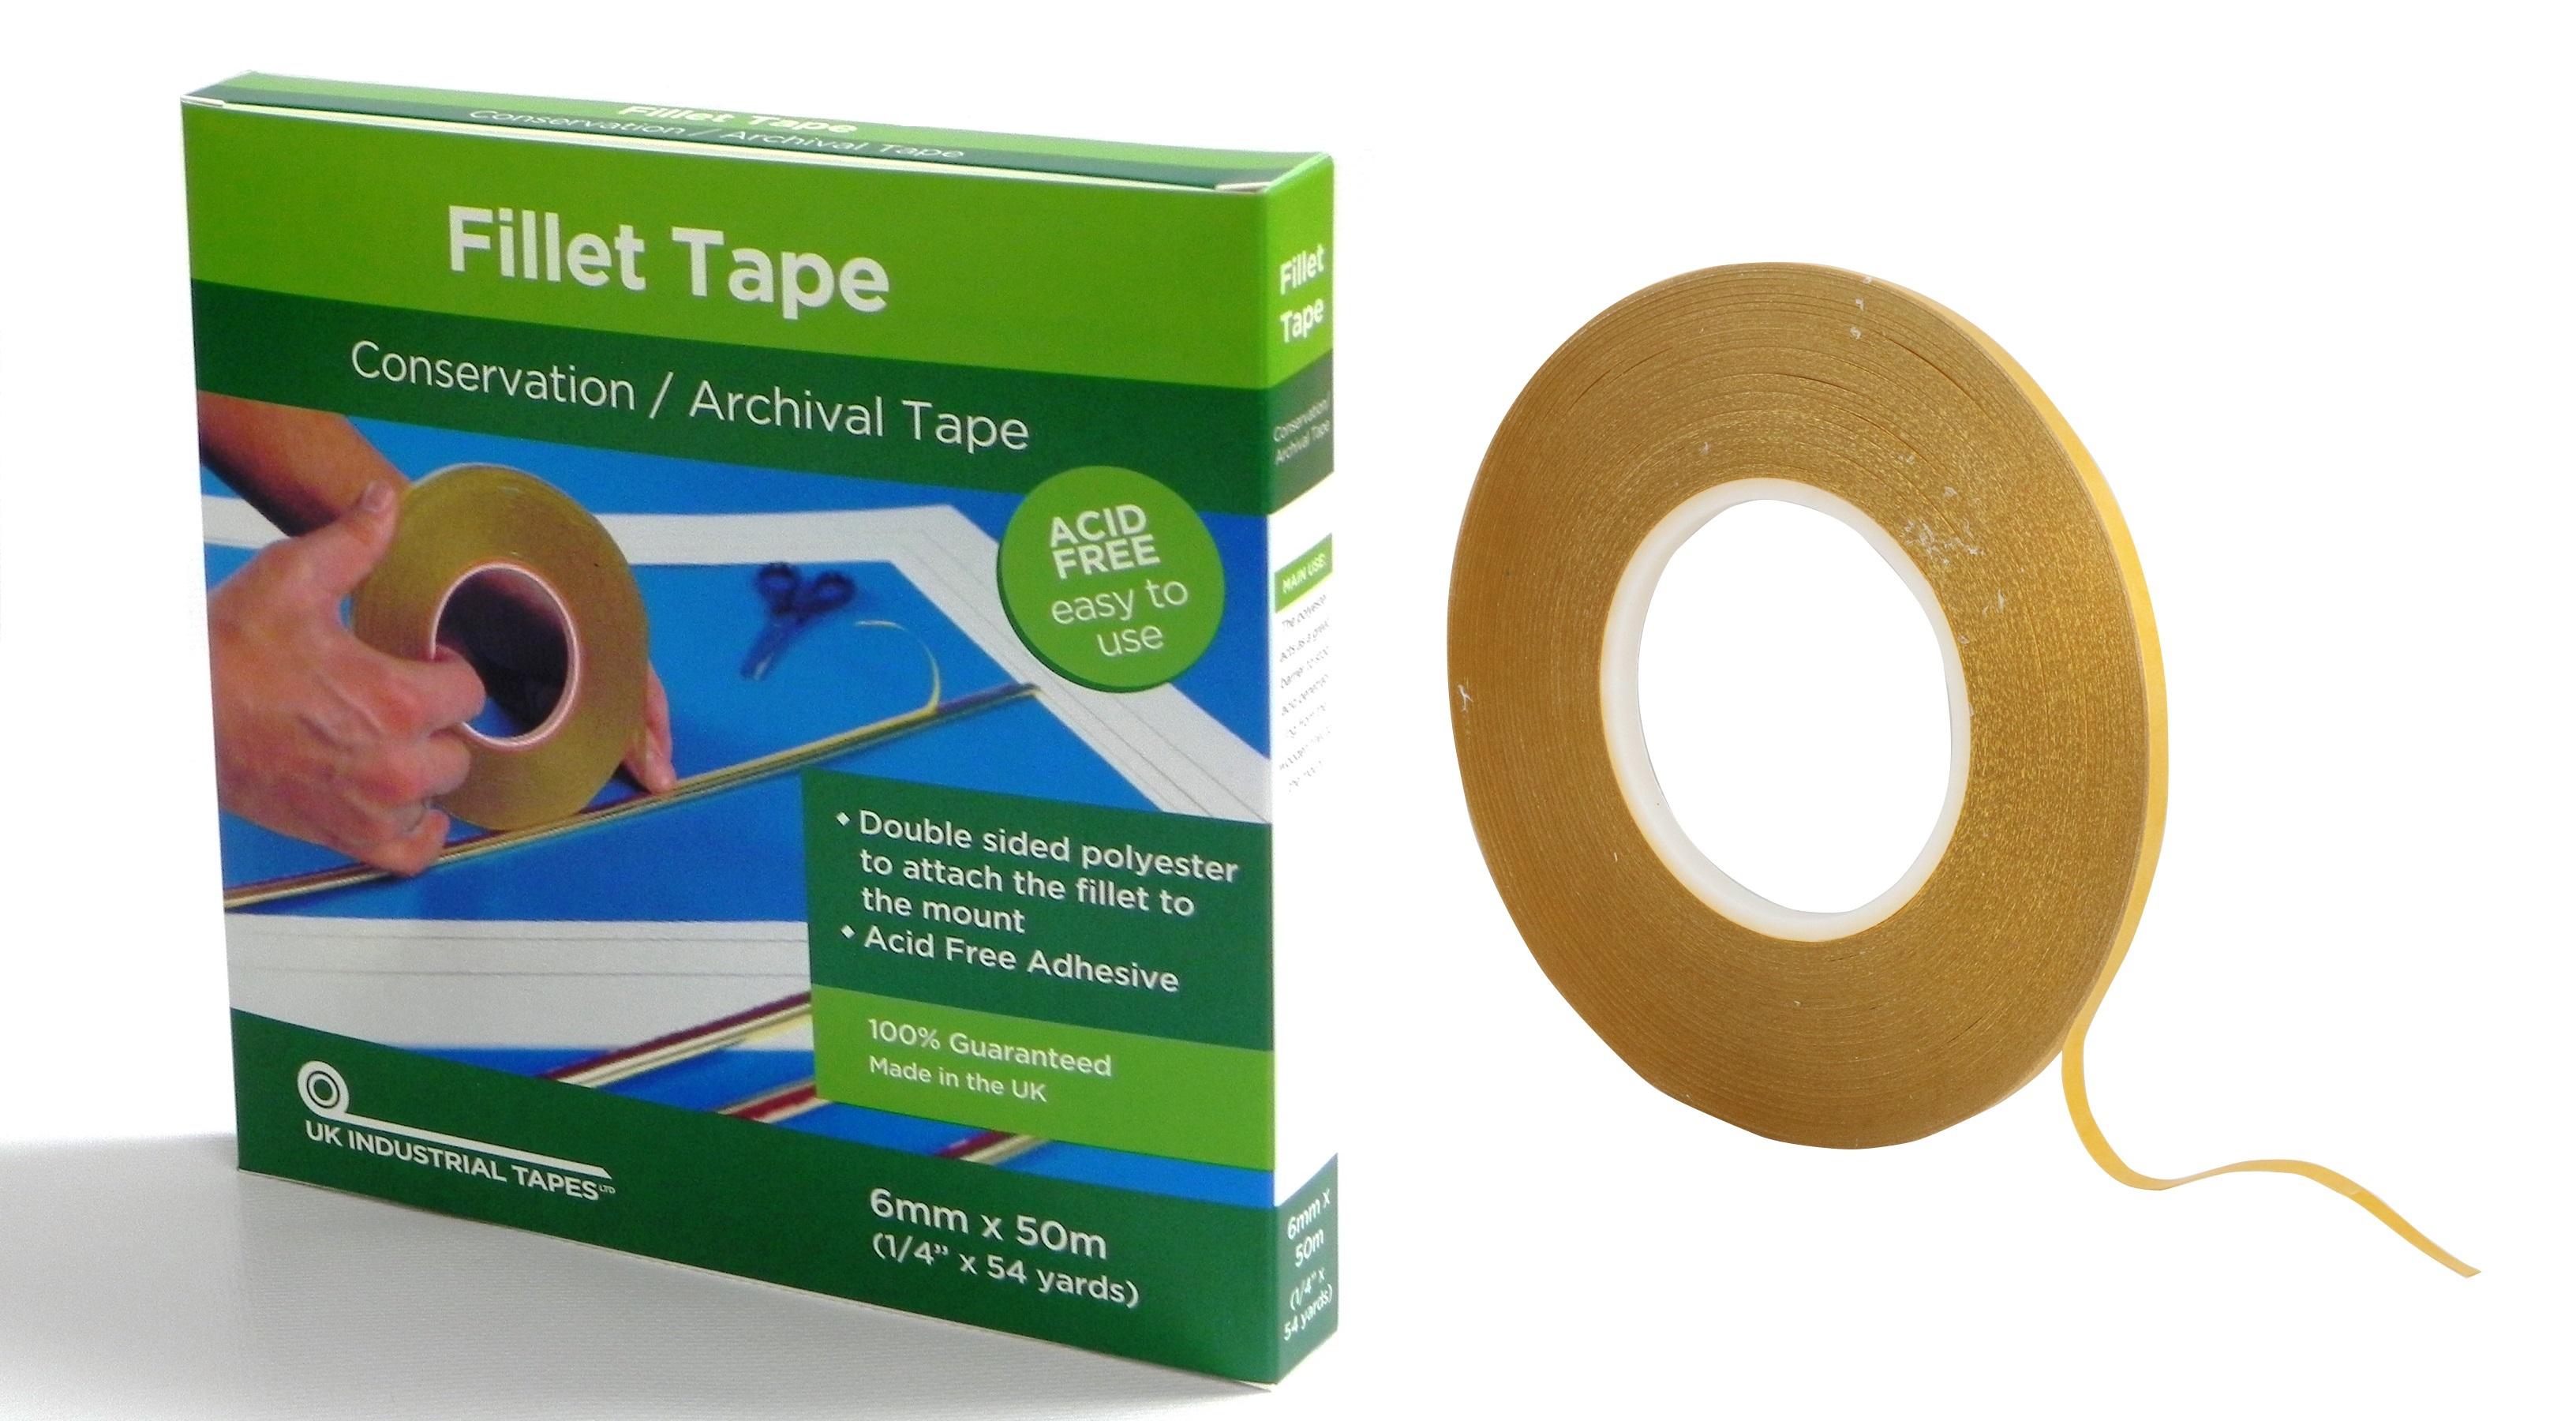 Fillet tape uk industrial tapes ltd